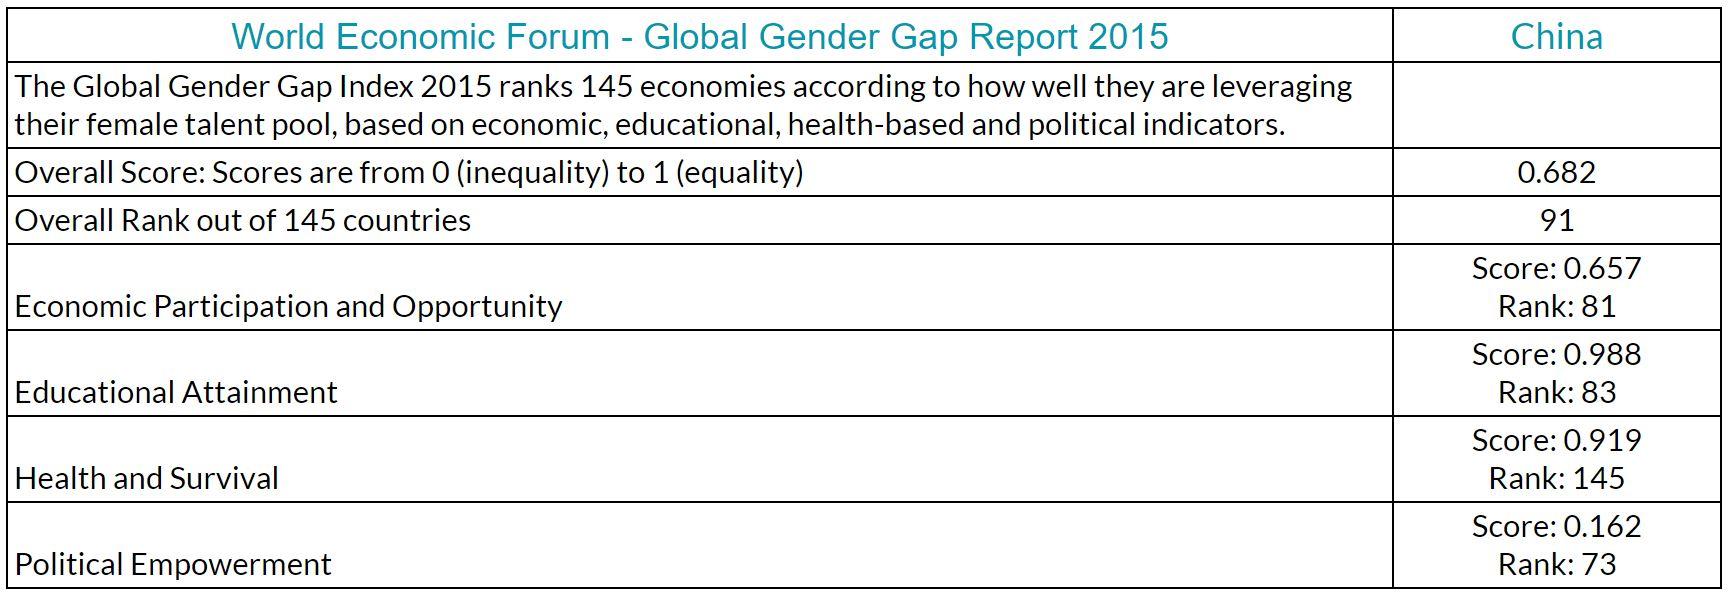 China Global Gender Gap Report